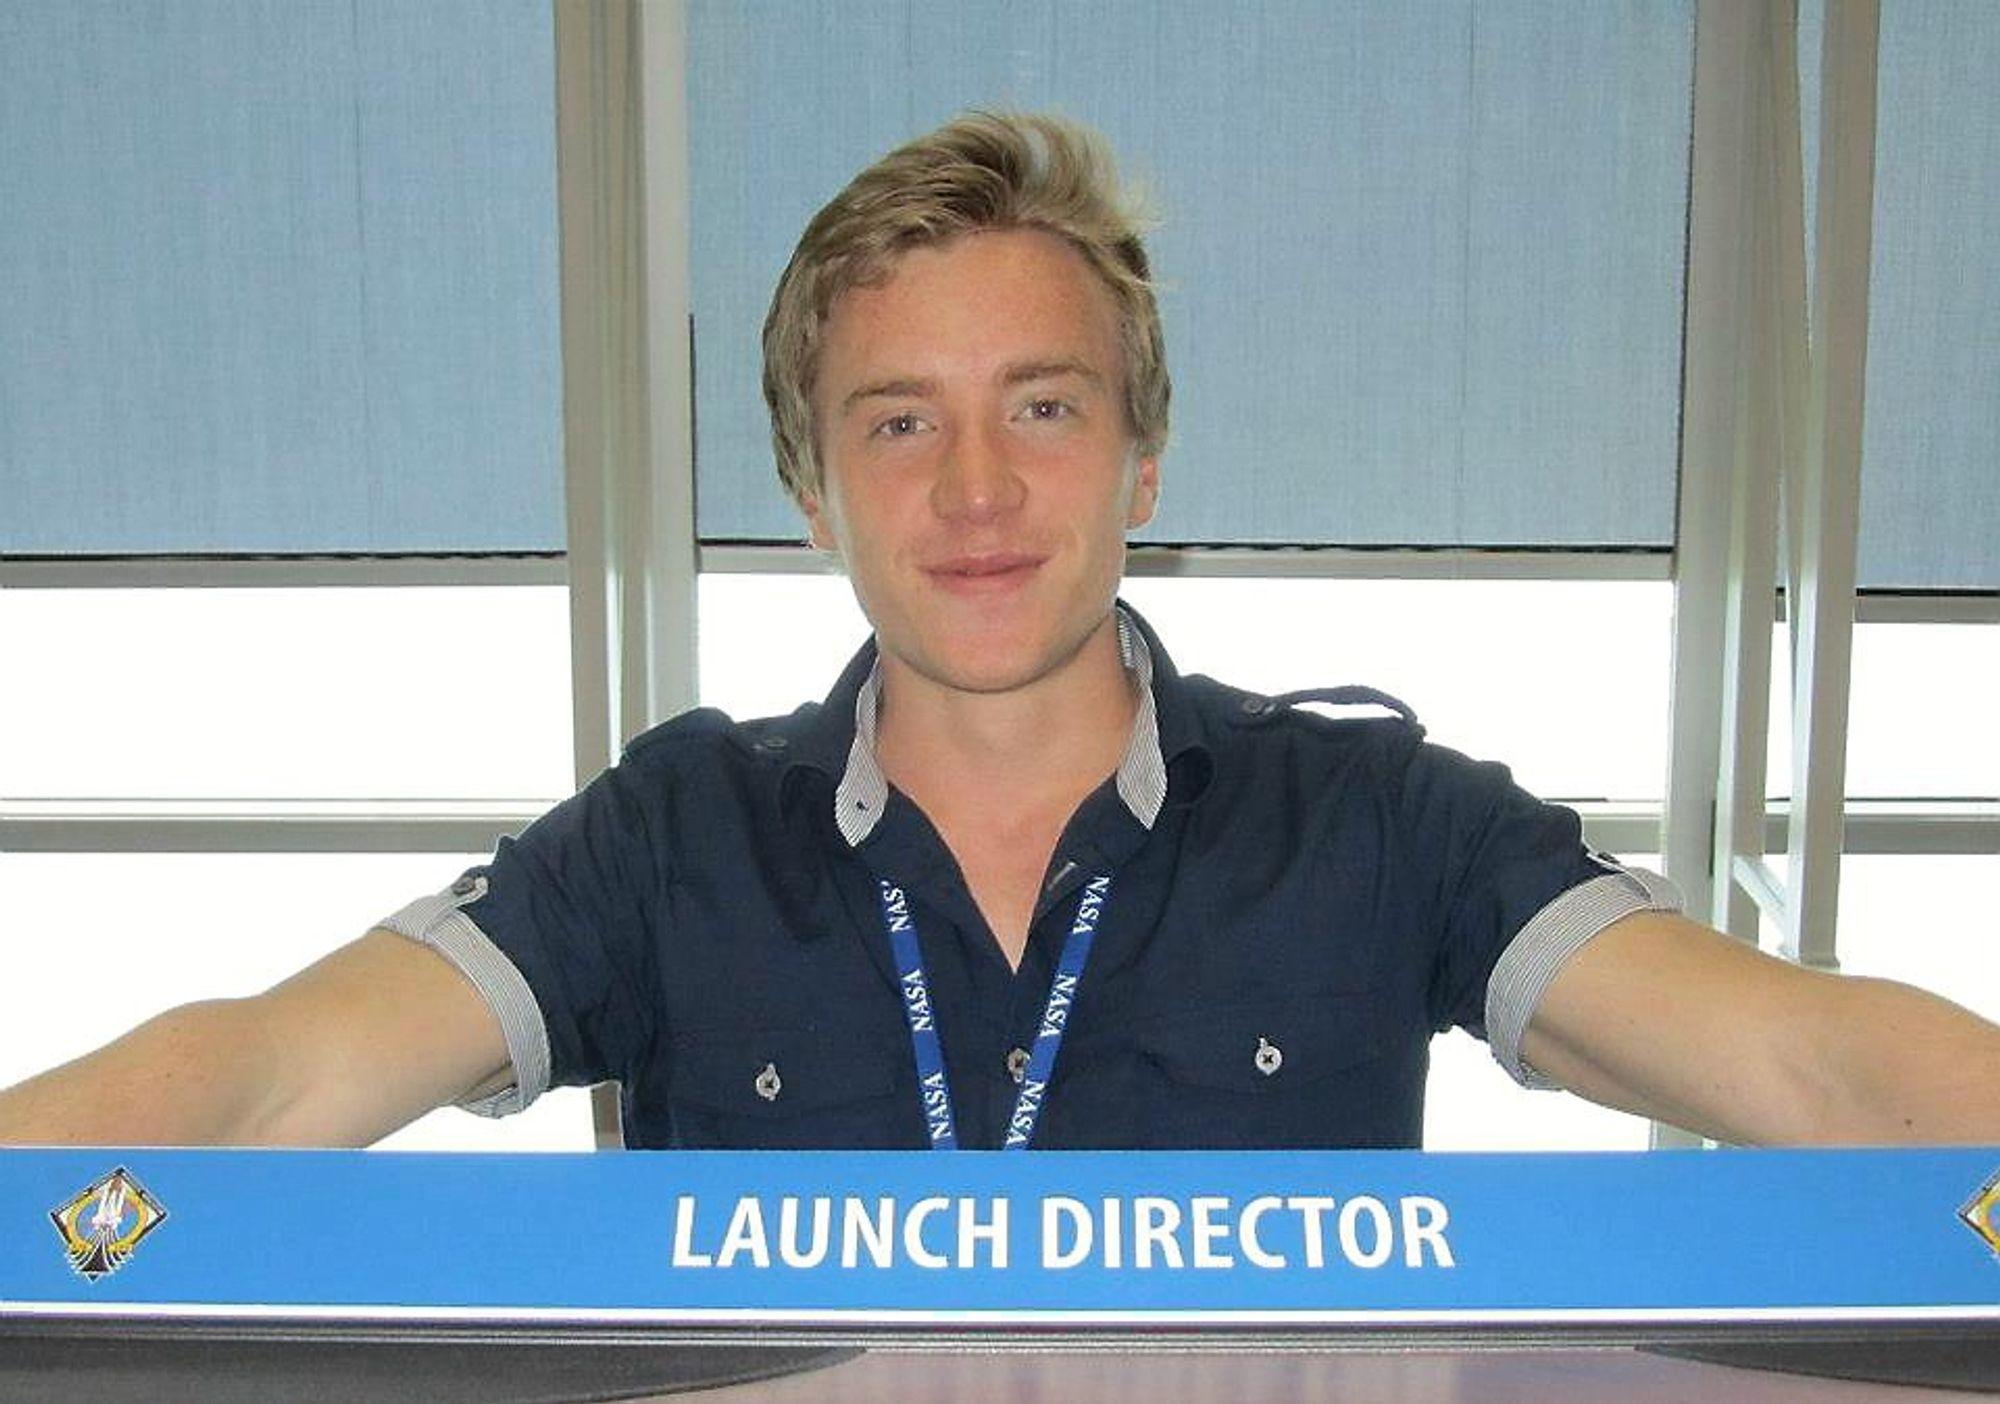 Fredrik Aarrestad studerer økonomi og administrasjon, men er brennende engasjert i romfart. Etter sommertur til Nasas romsenter har interessen bare blitt større.